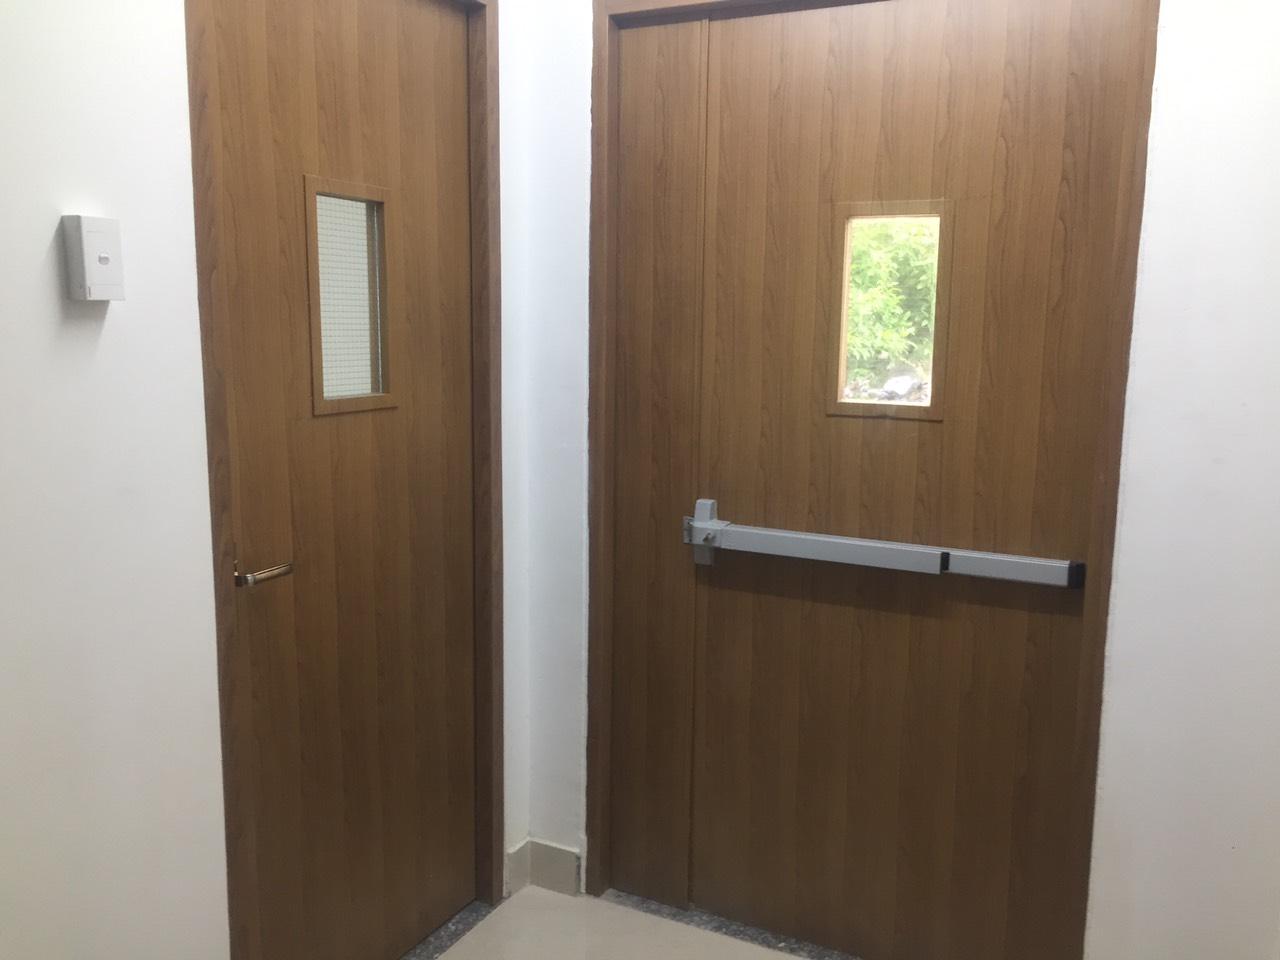 Mẫu cửa gỗ chống cháy - ván MDF Melamine của An Cường.